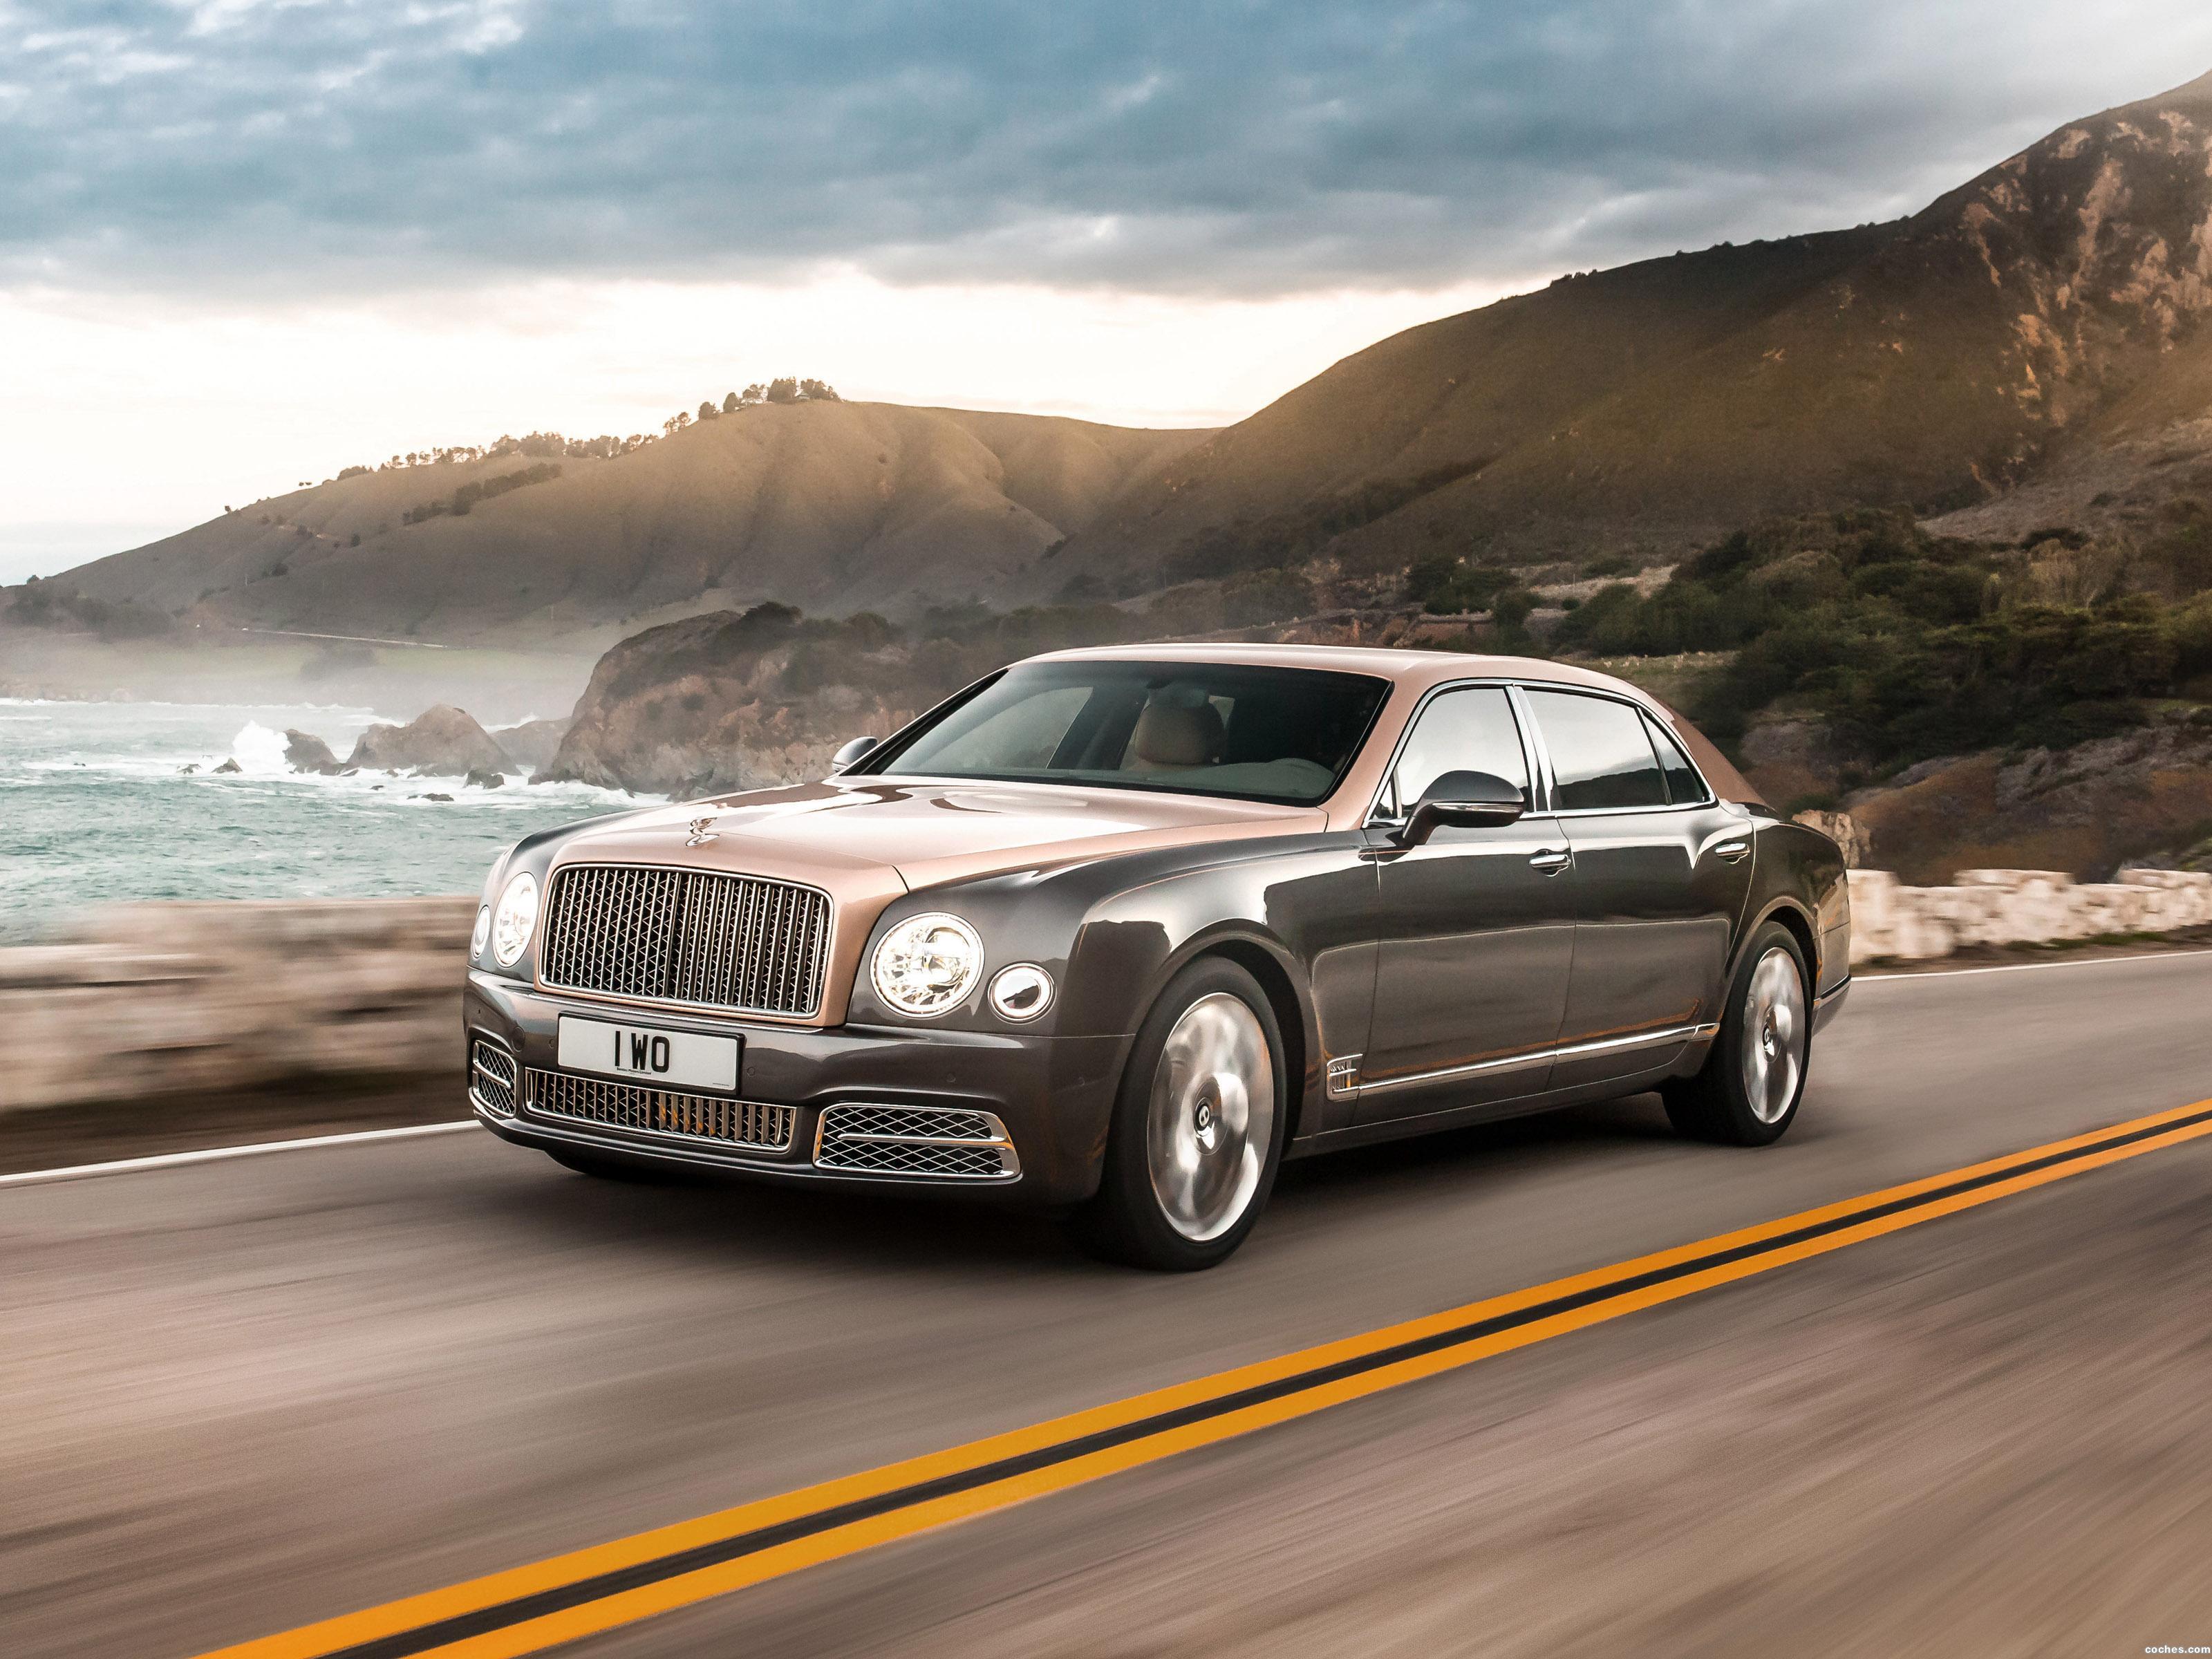 Foto 6 de Bentley Mulsanne Extended Wheelbase 2016